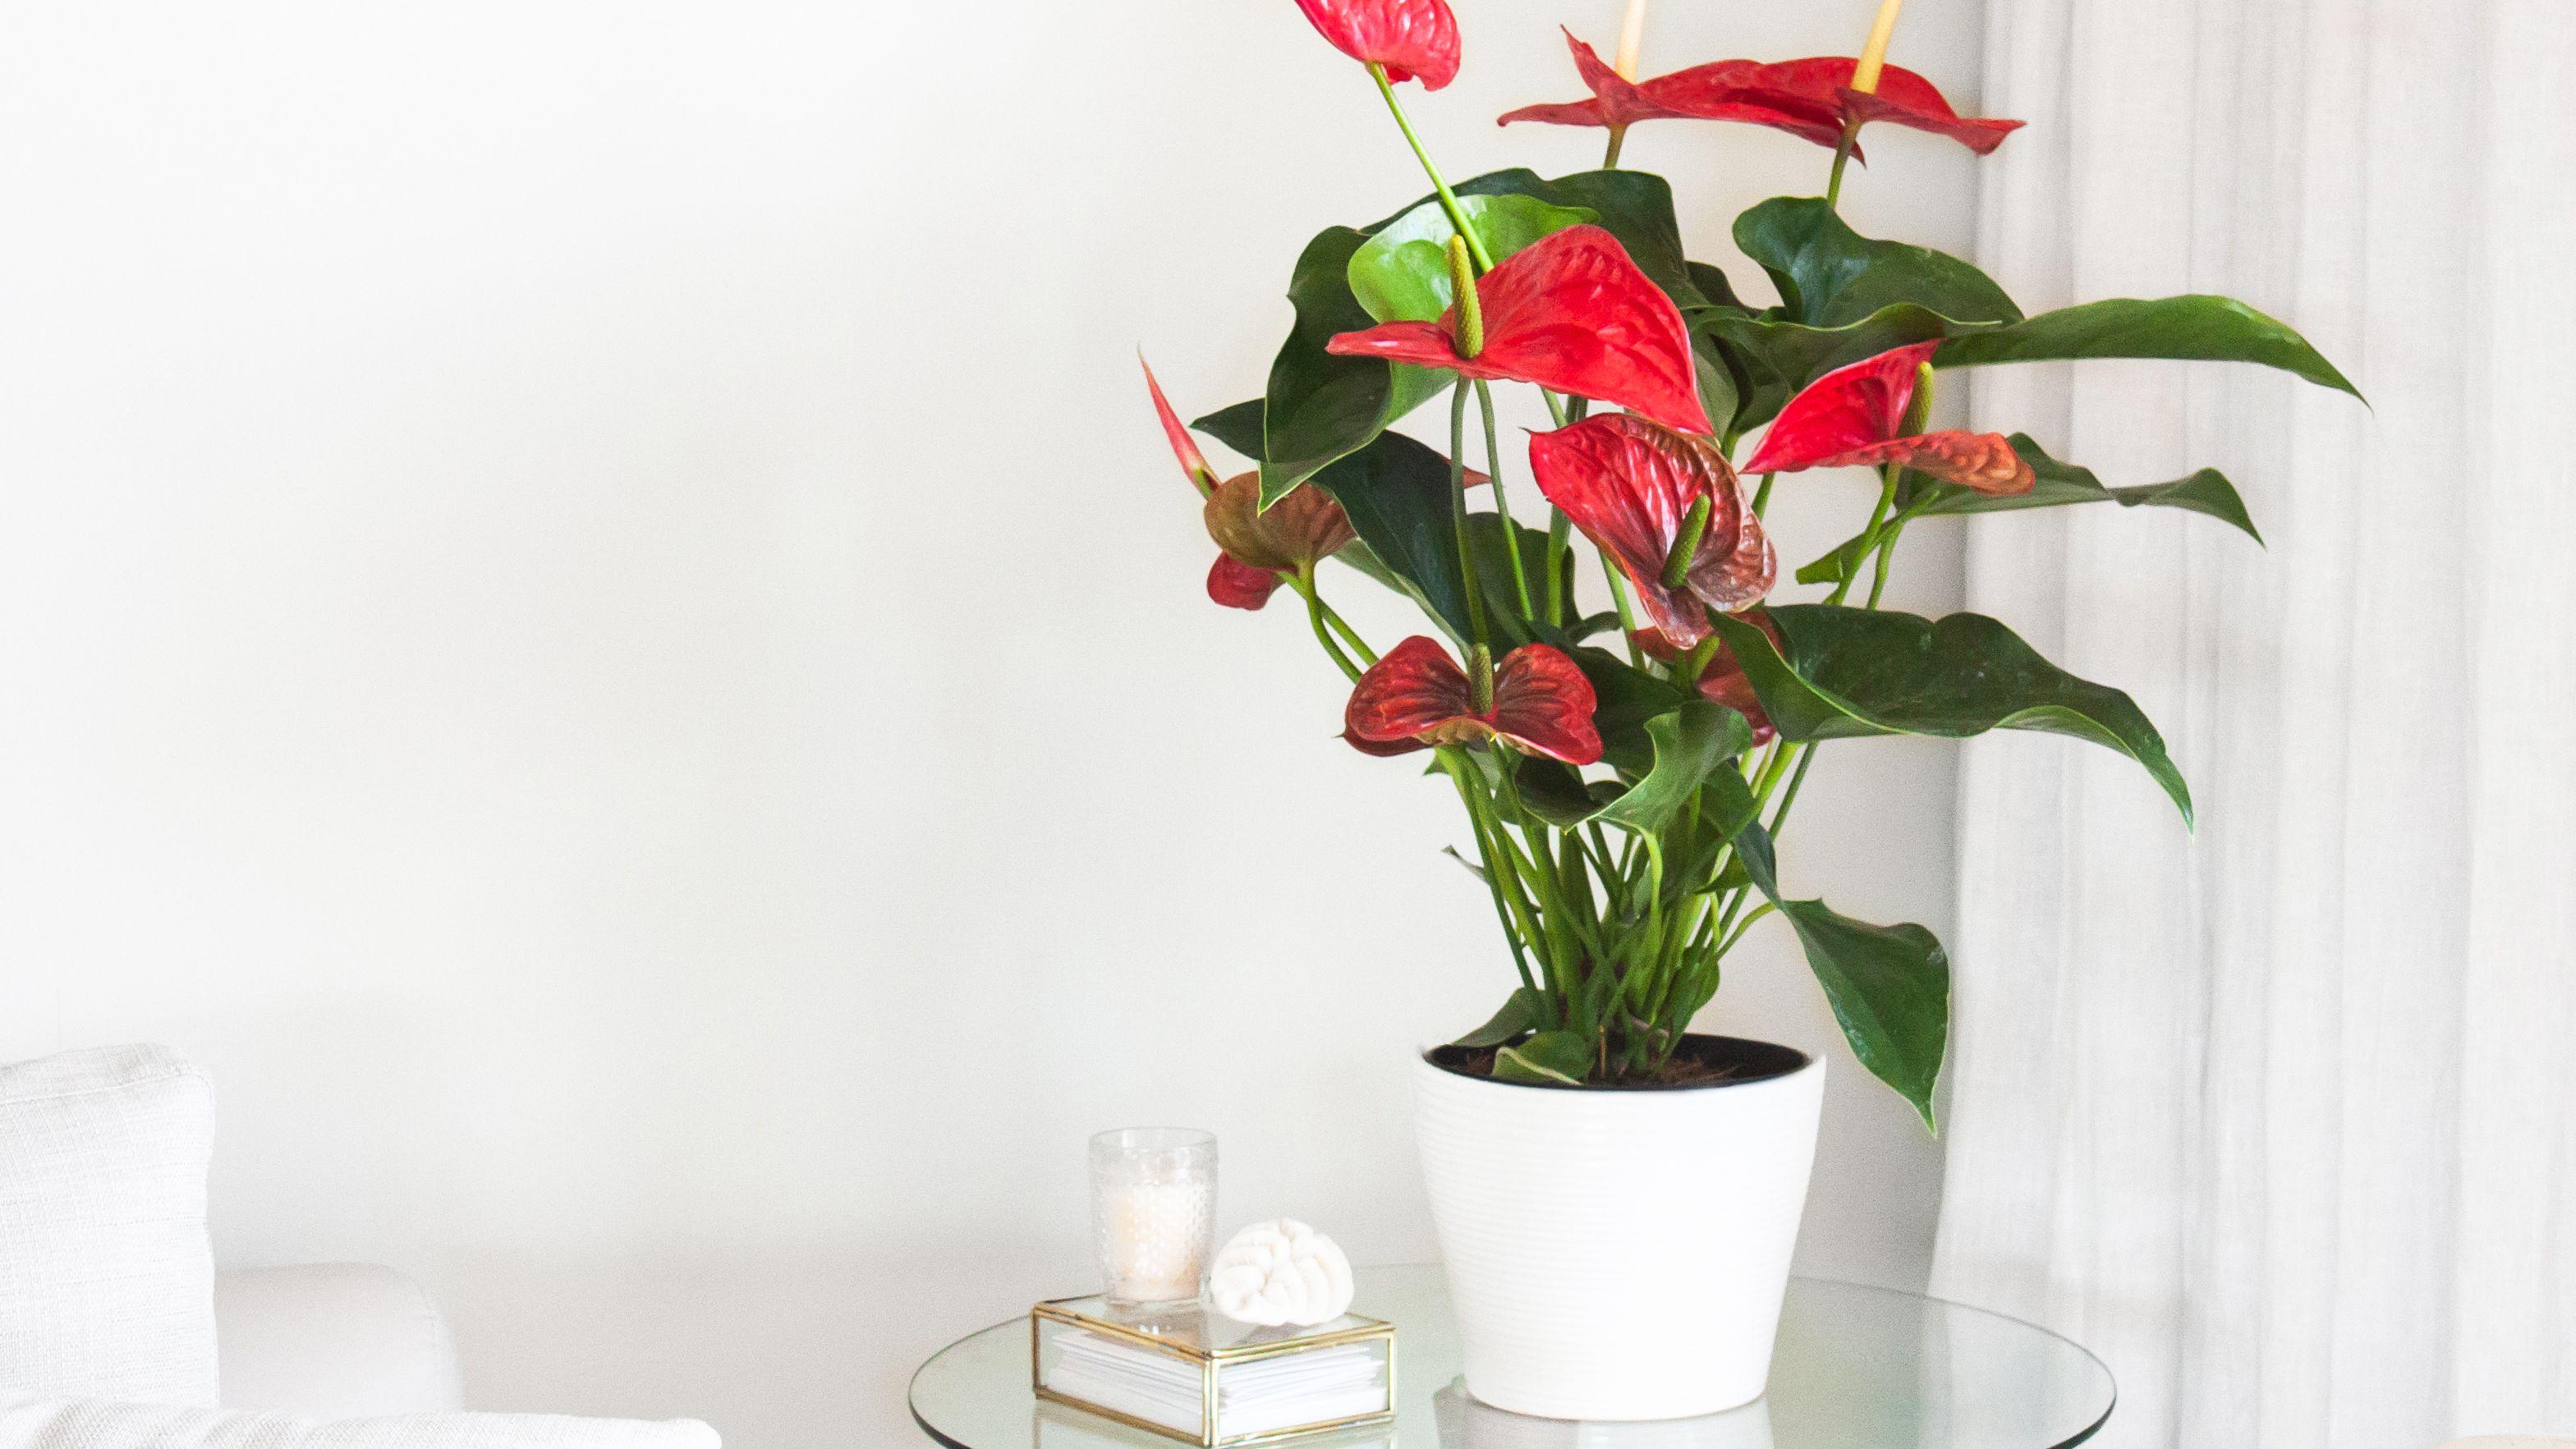 romantic gifts- Anthurium